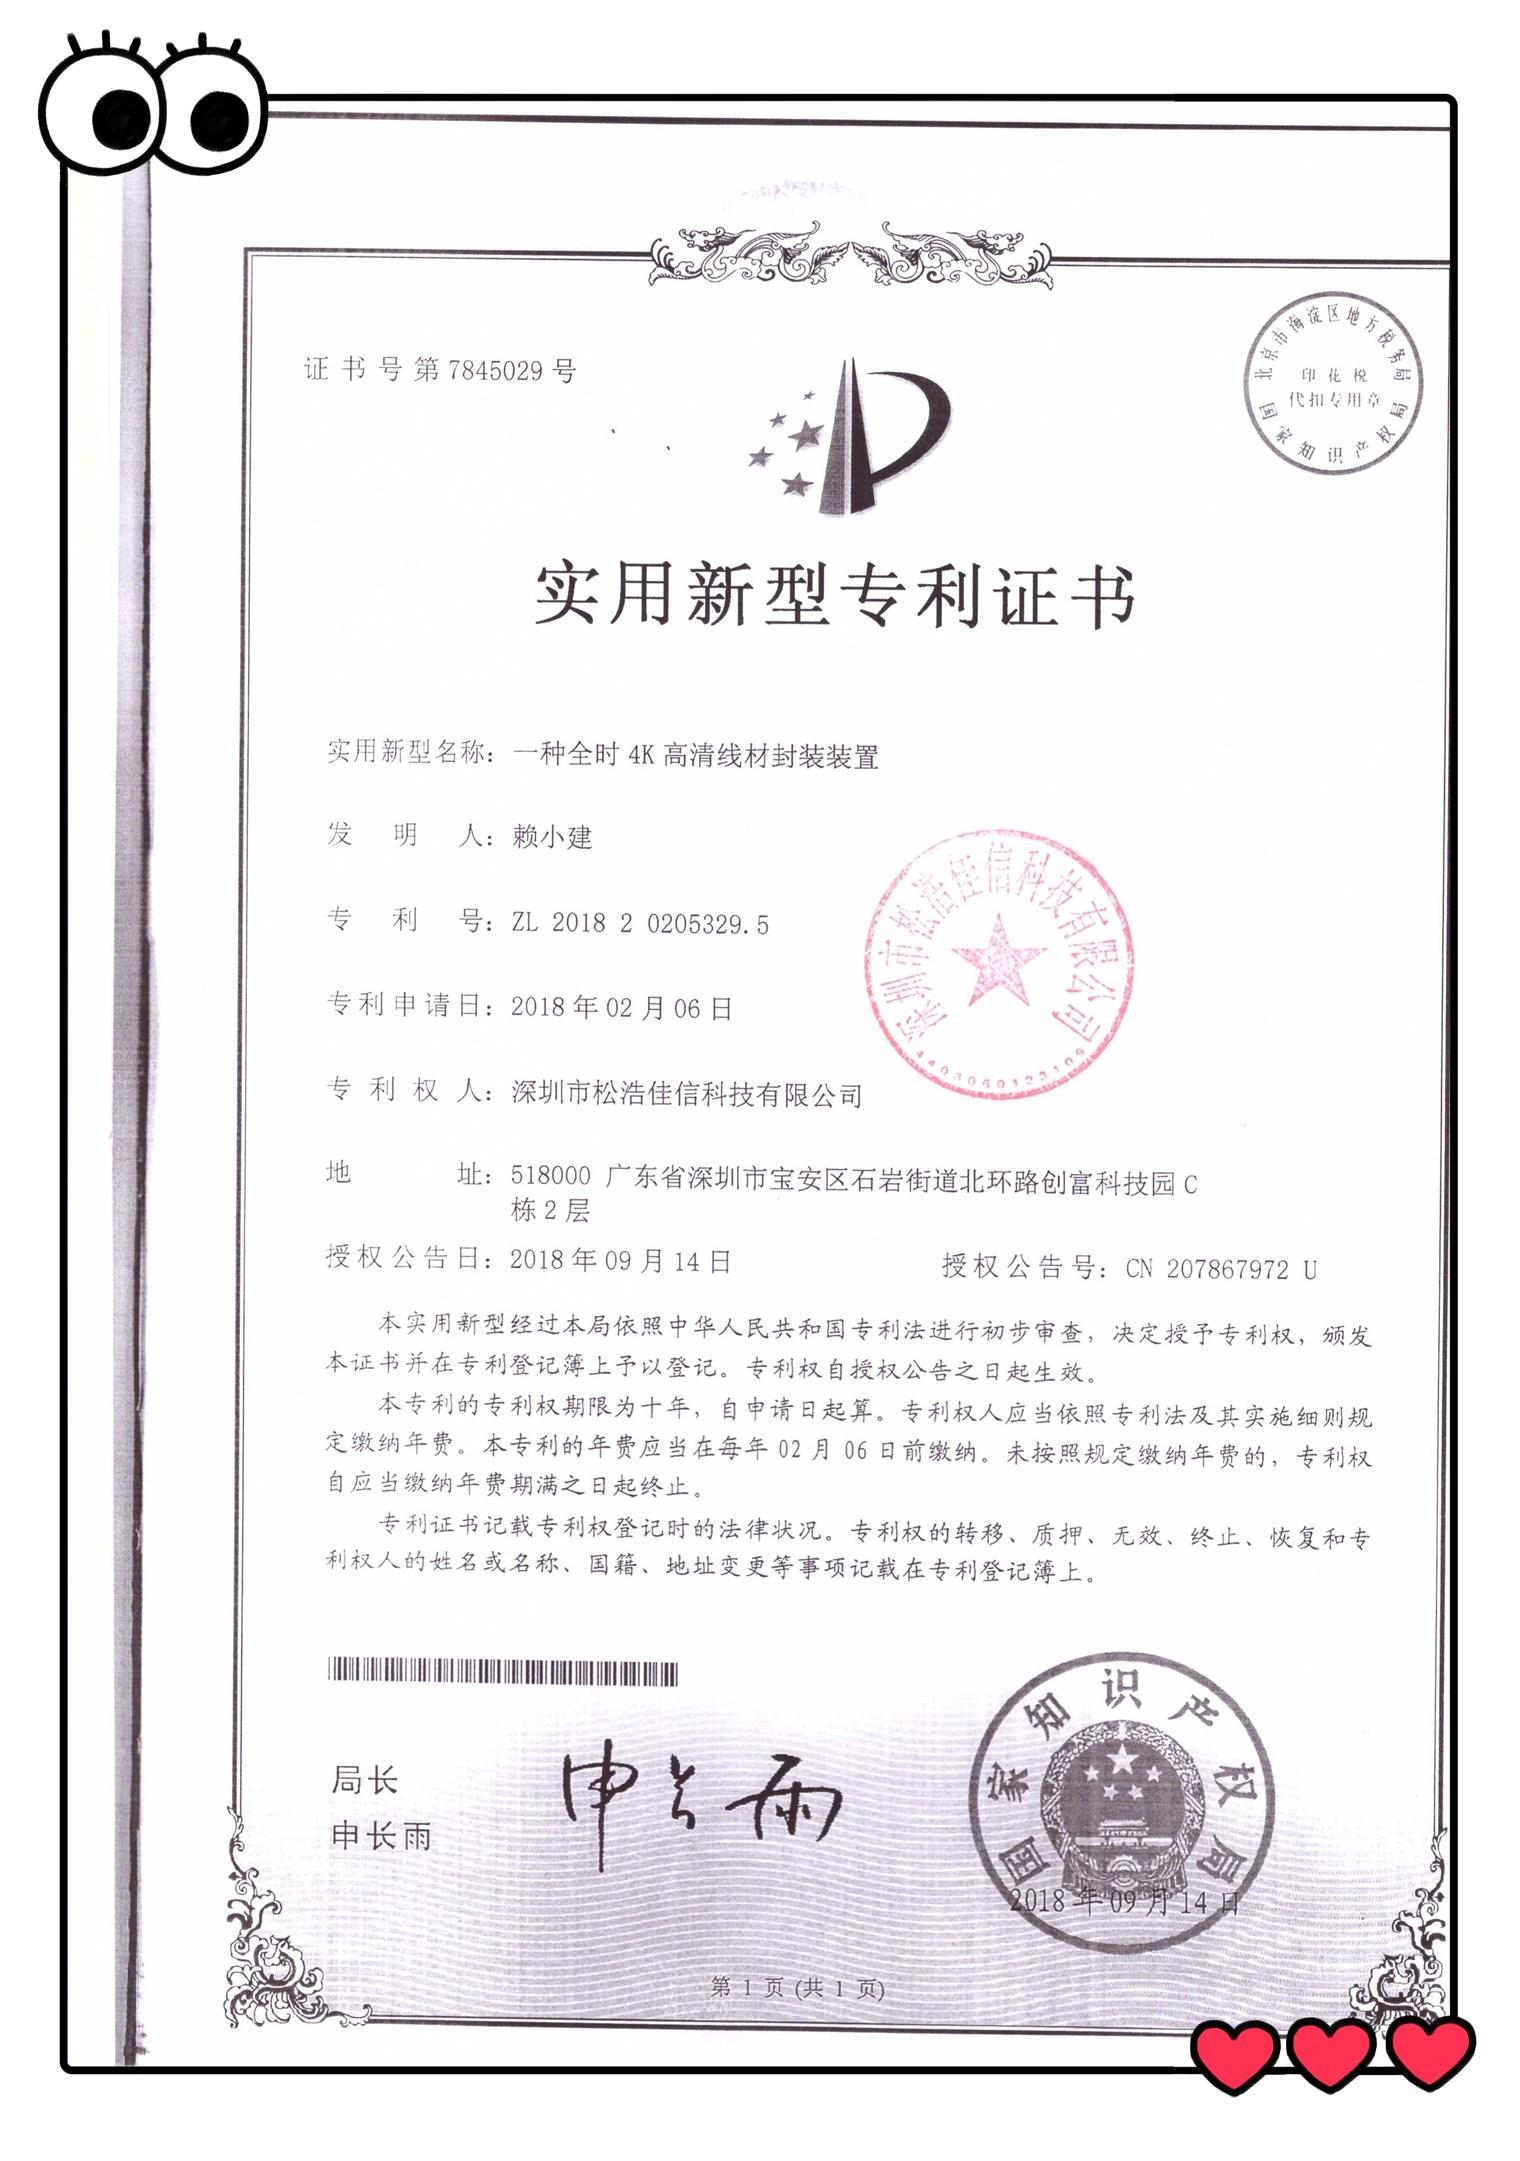 全时4K高清线材封装装置专利证书